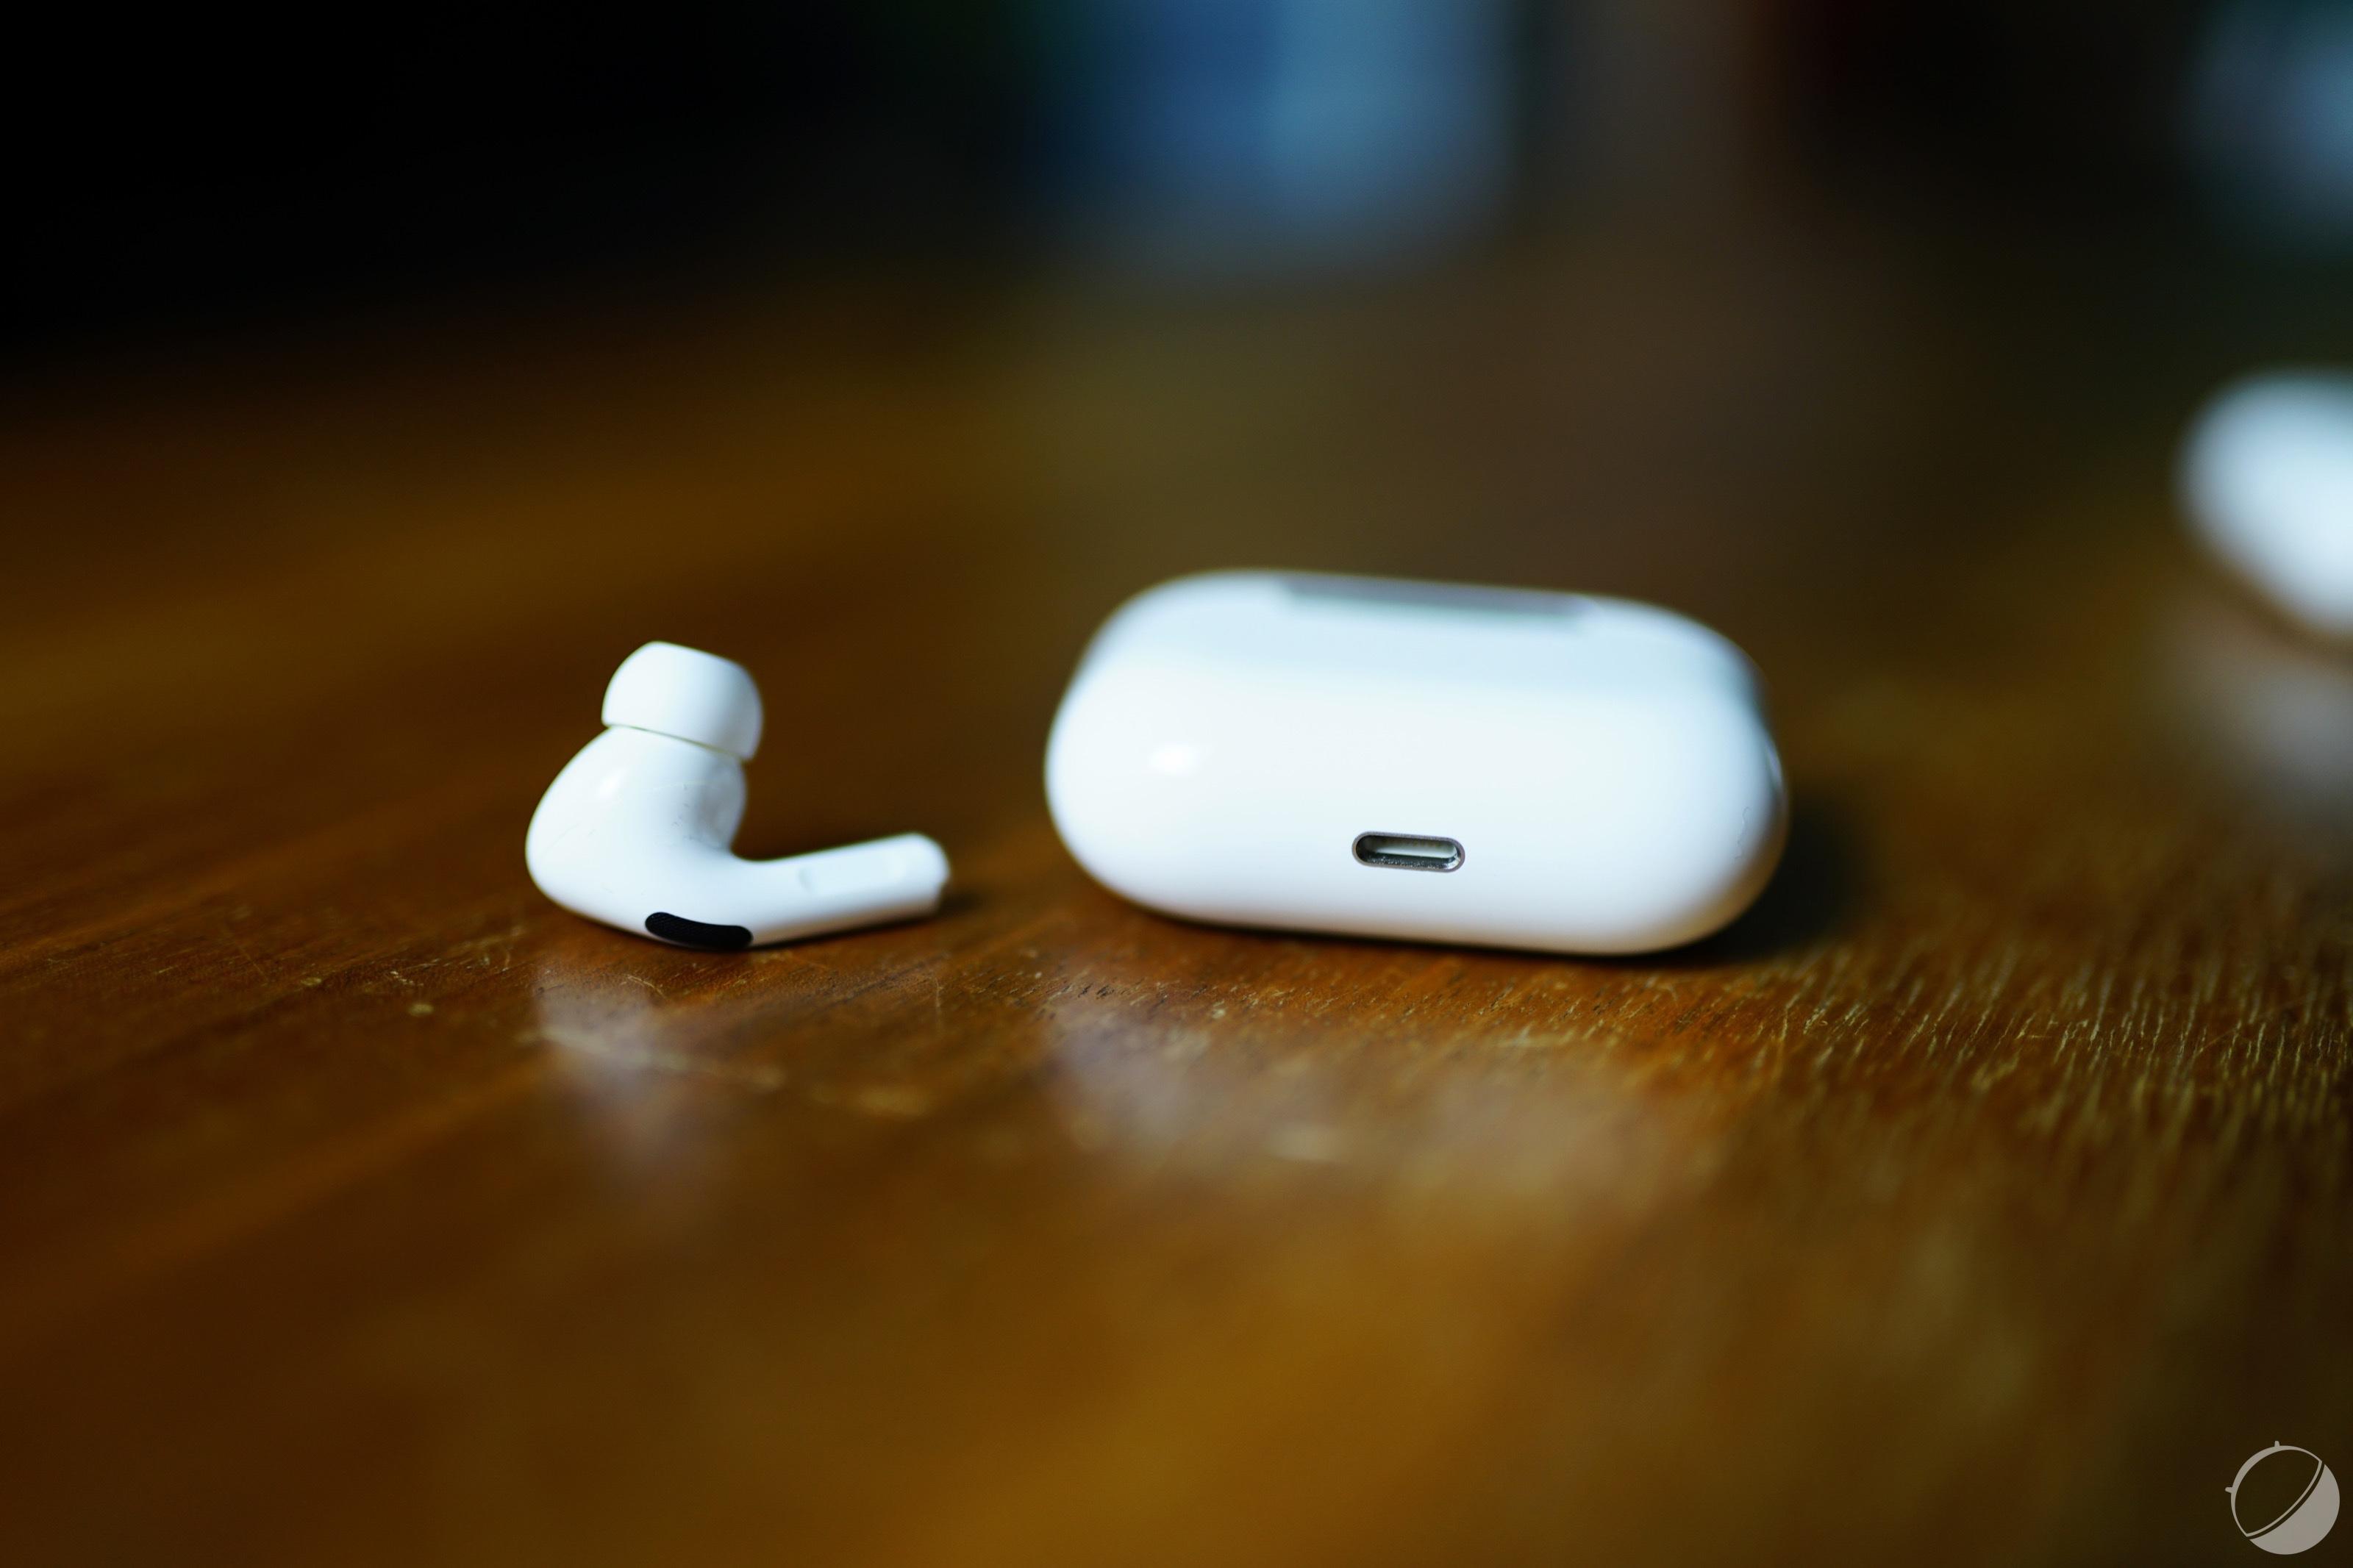 Apple devrait annoncer les AirPods 3 dans les semaines à venir